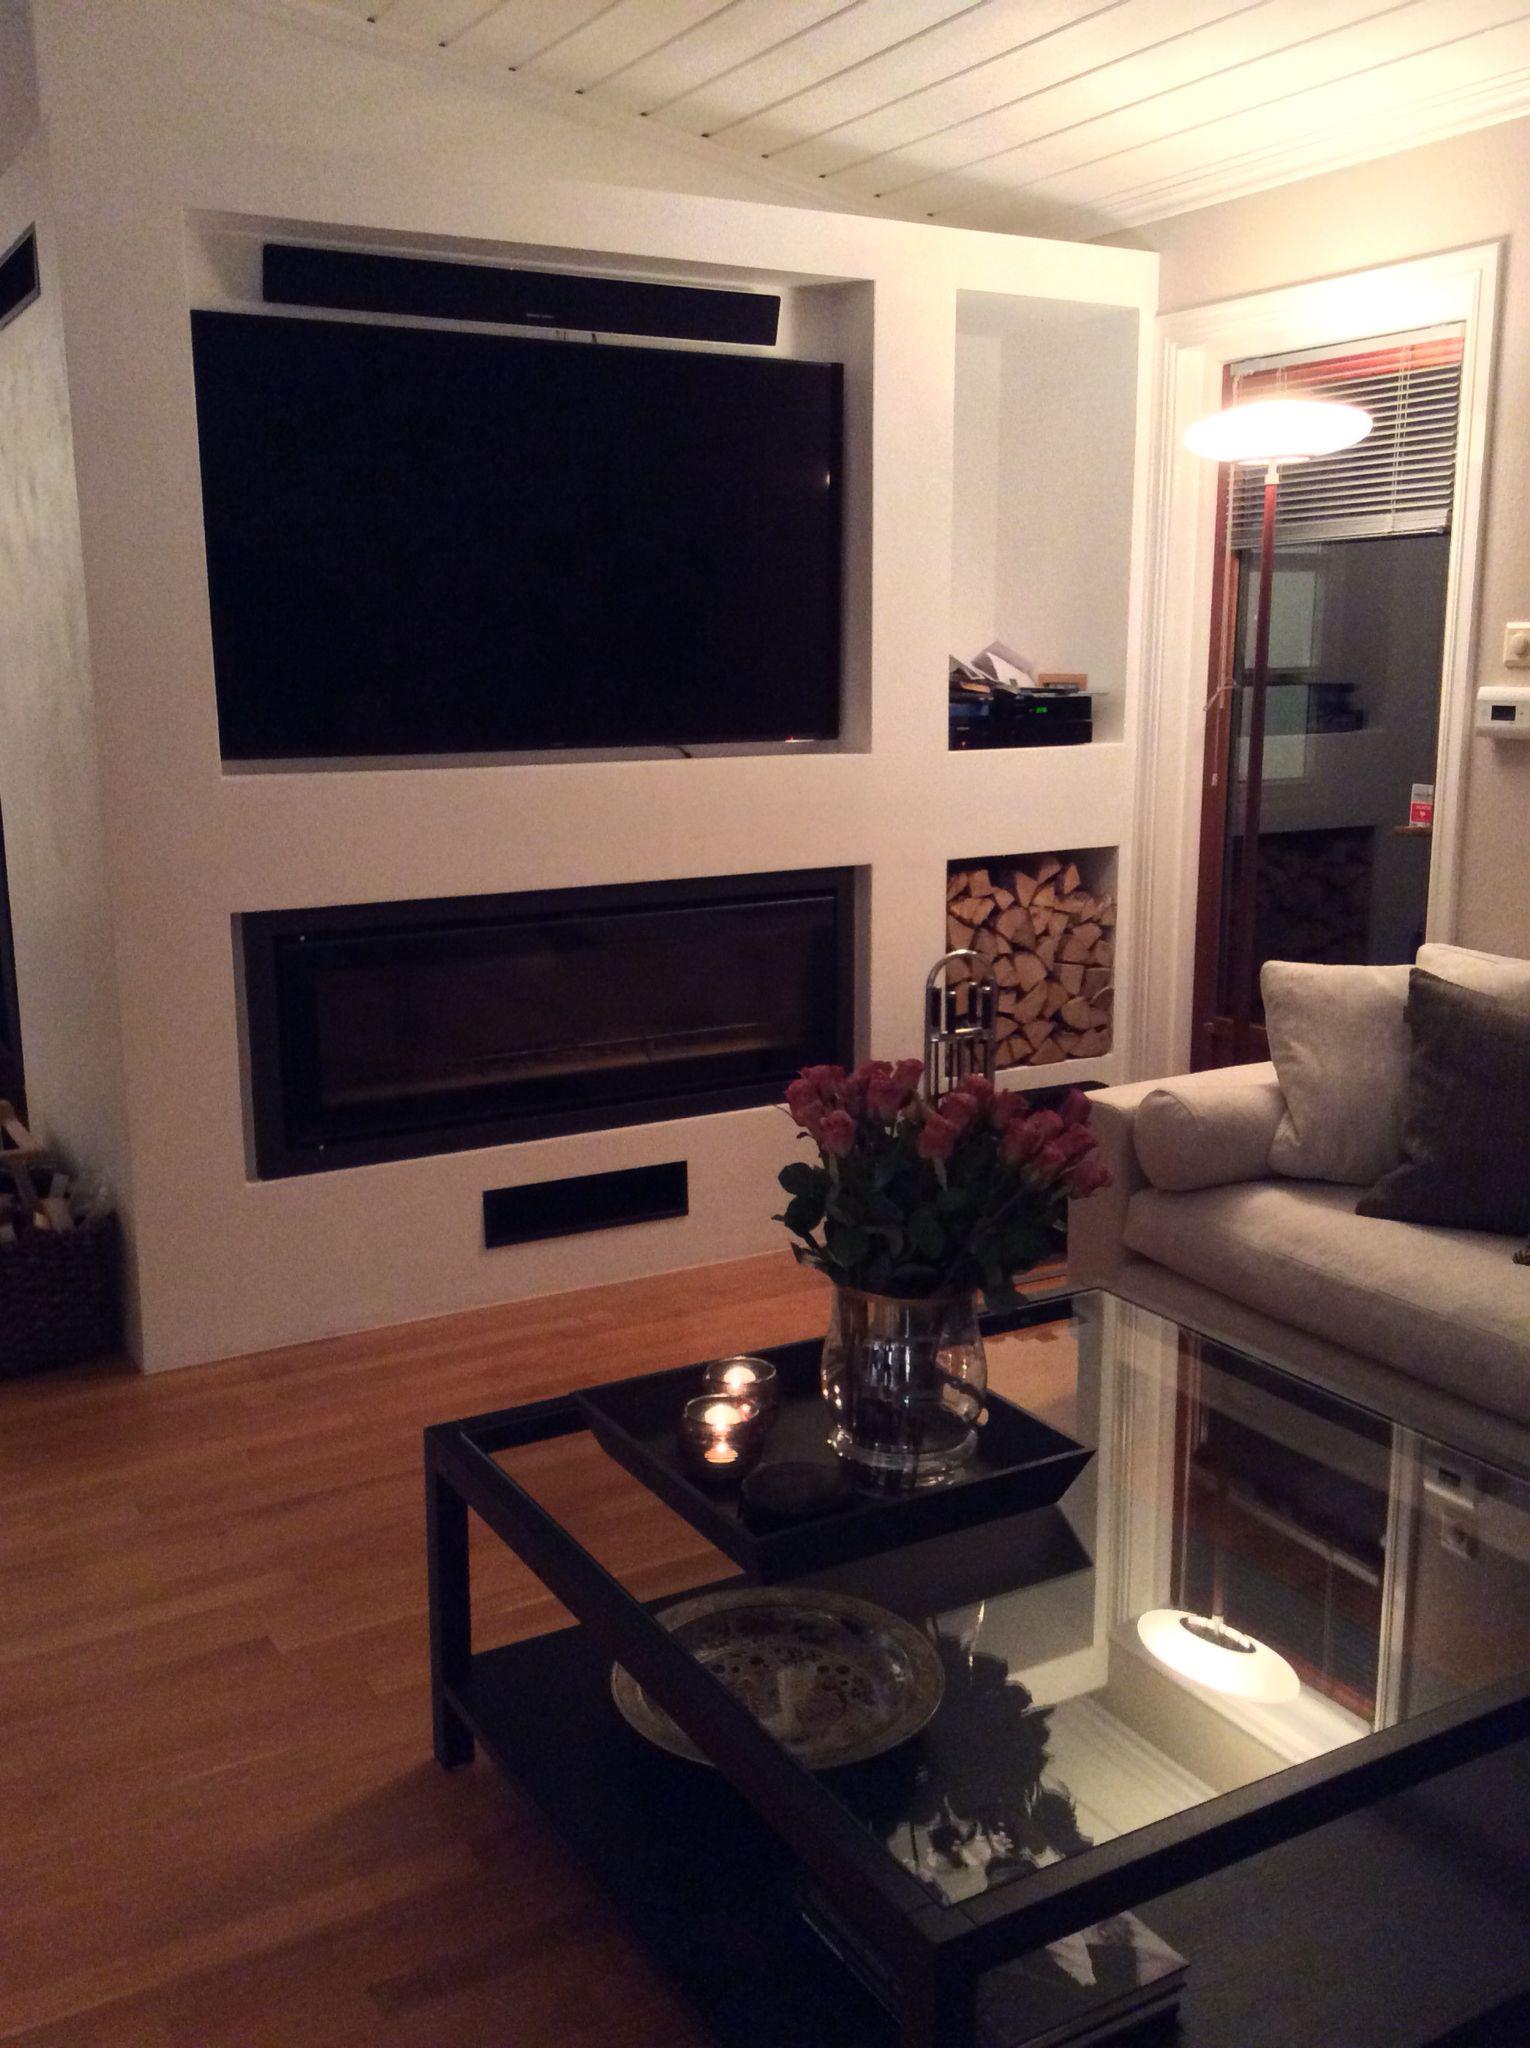 for lene interir tegne kombinert peis og tv vegg interior design inspiration